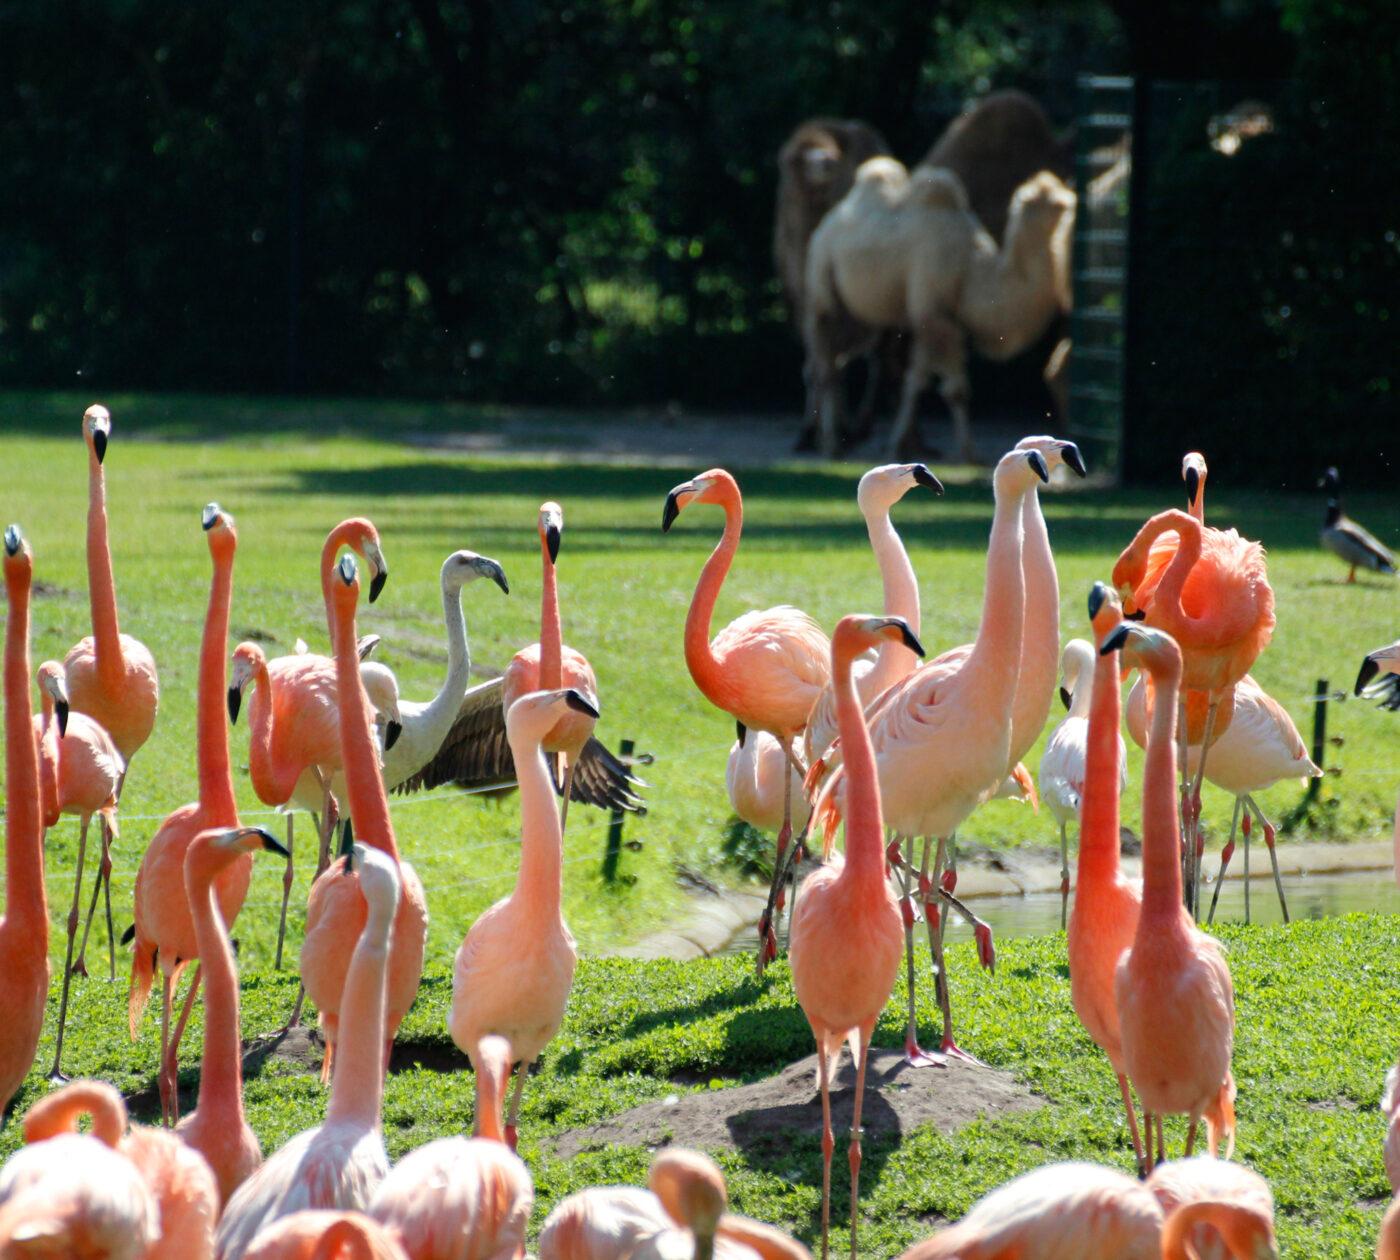 Ausflugstipps zum  Muttertag: Flamingowiese im Tierpark Berlin // HIMBEER